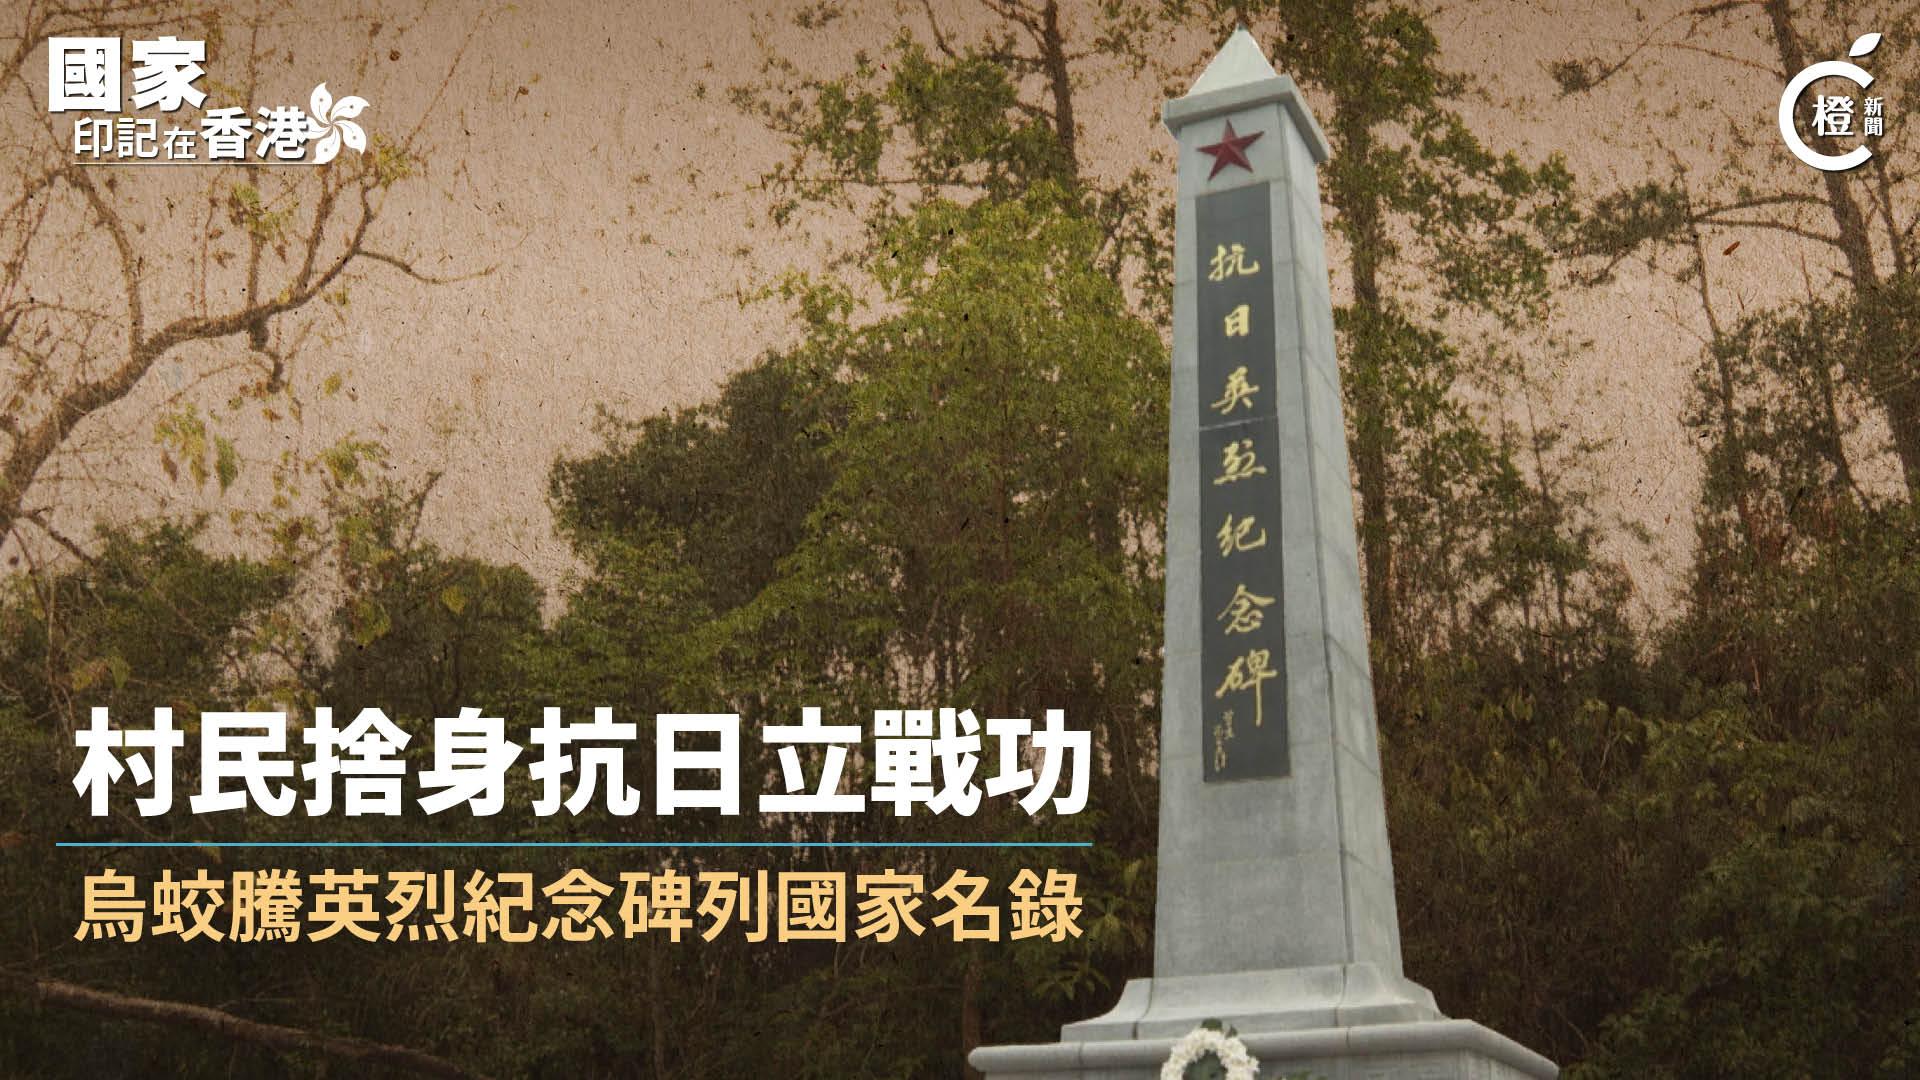 國家印記 │ 村民捨身抗日立戰功 烏蛟騰英烈紀念碑列國家名錄